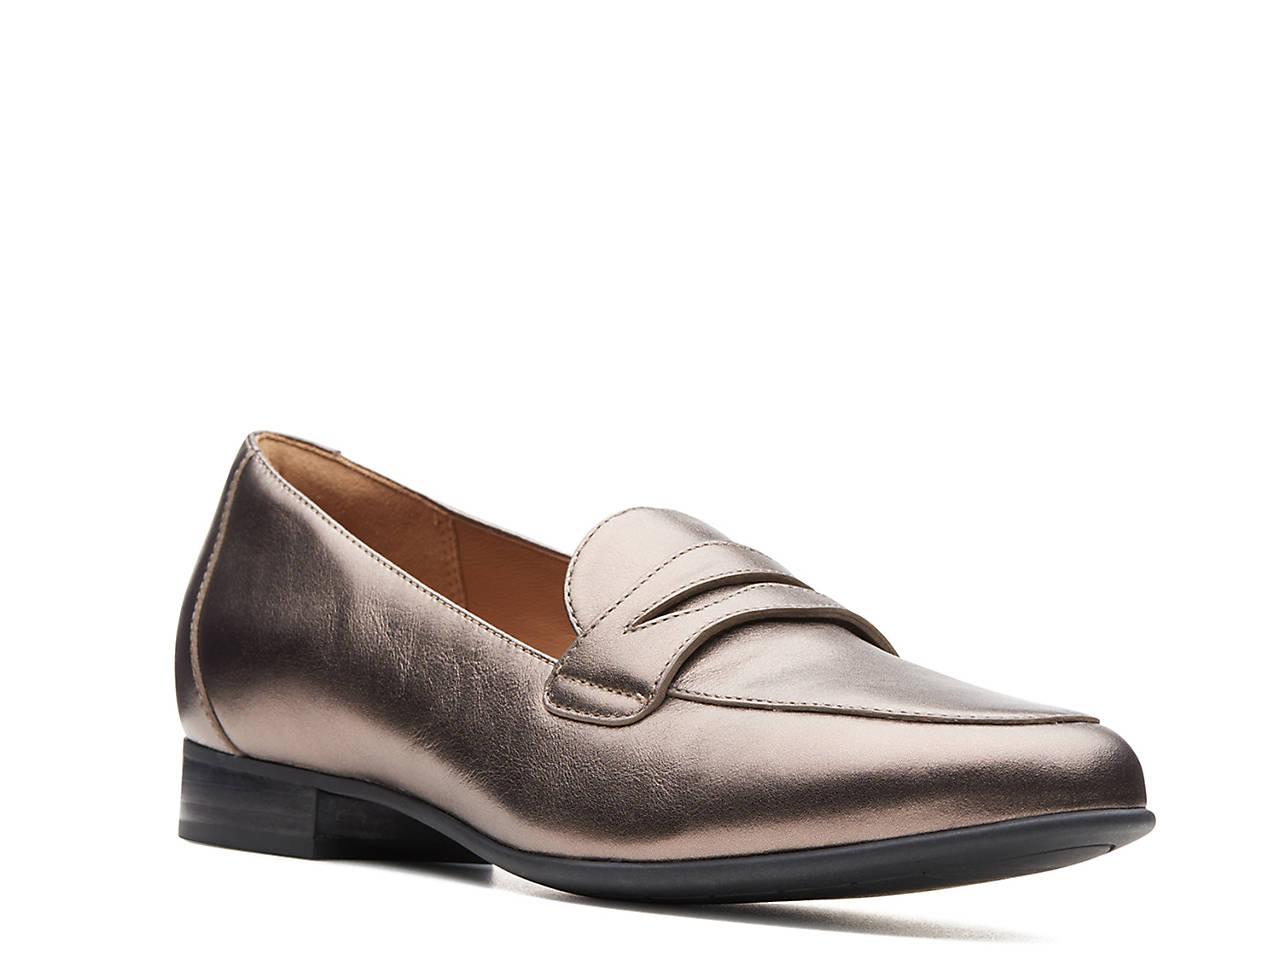 a0778a6716b Clarks Un Blush Go Penny Loafer Men s Shoes